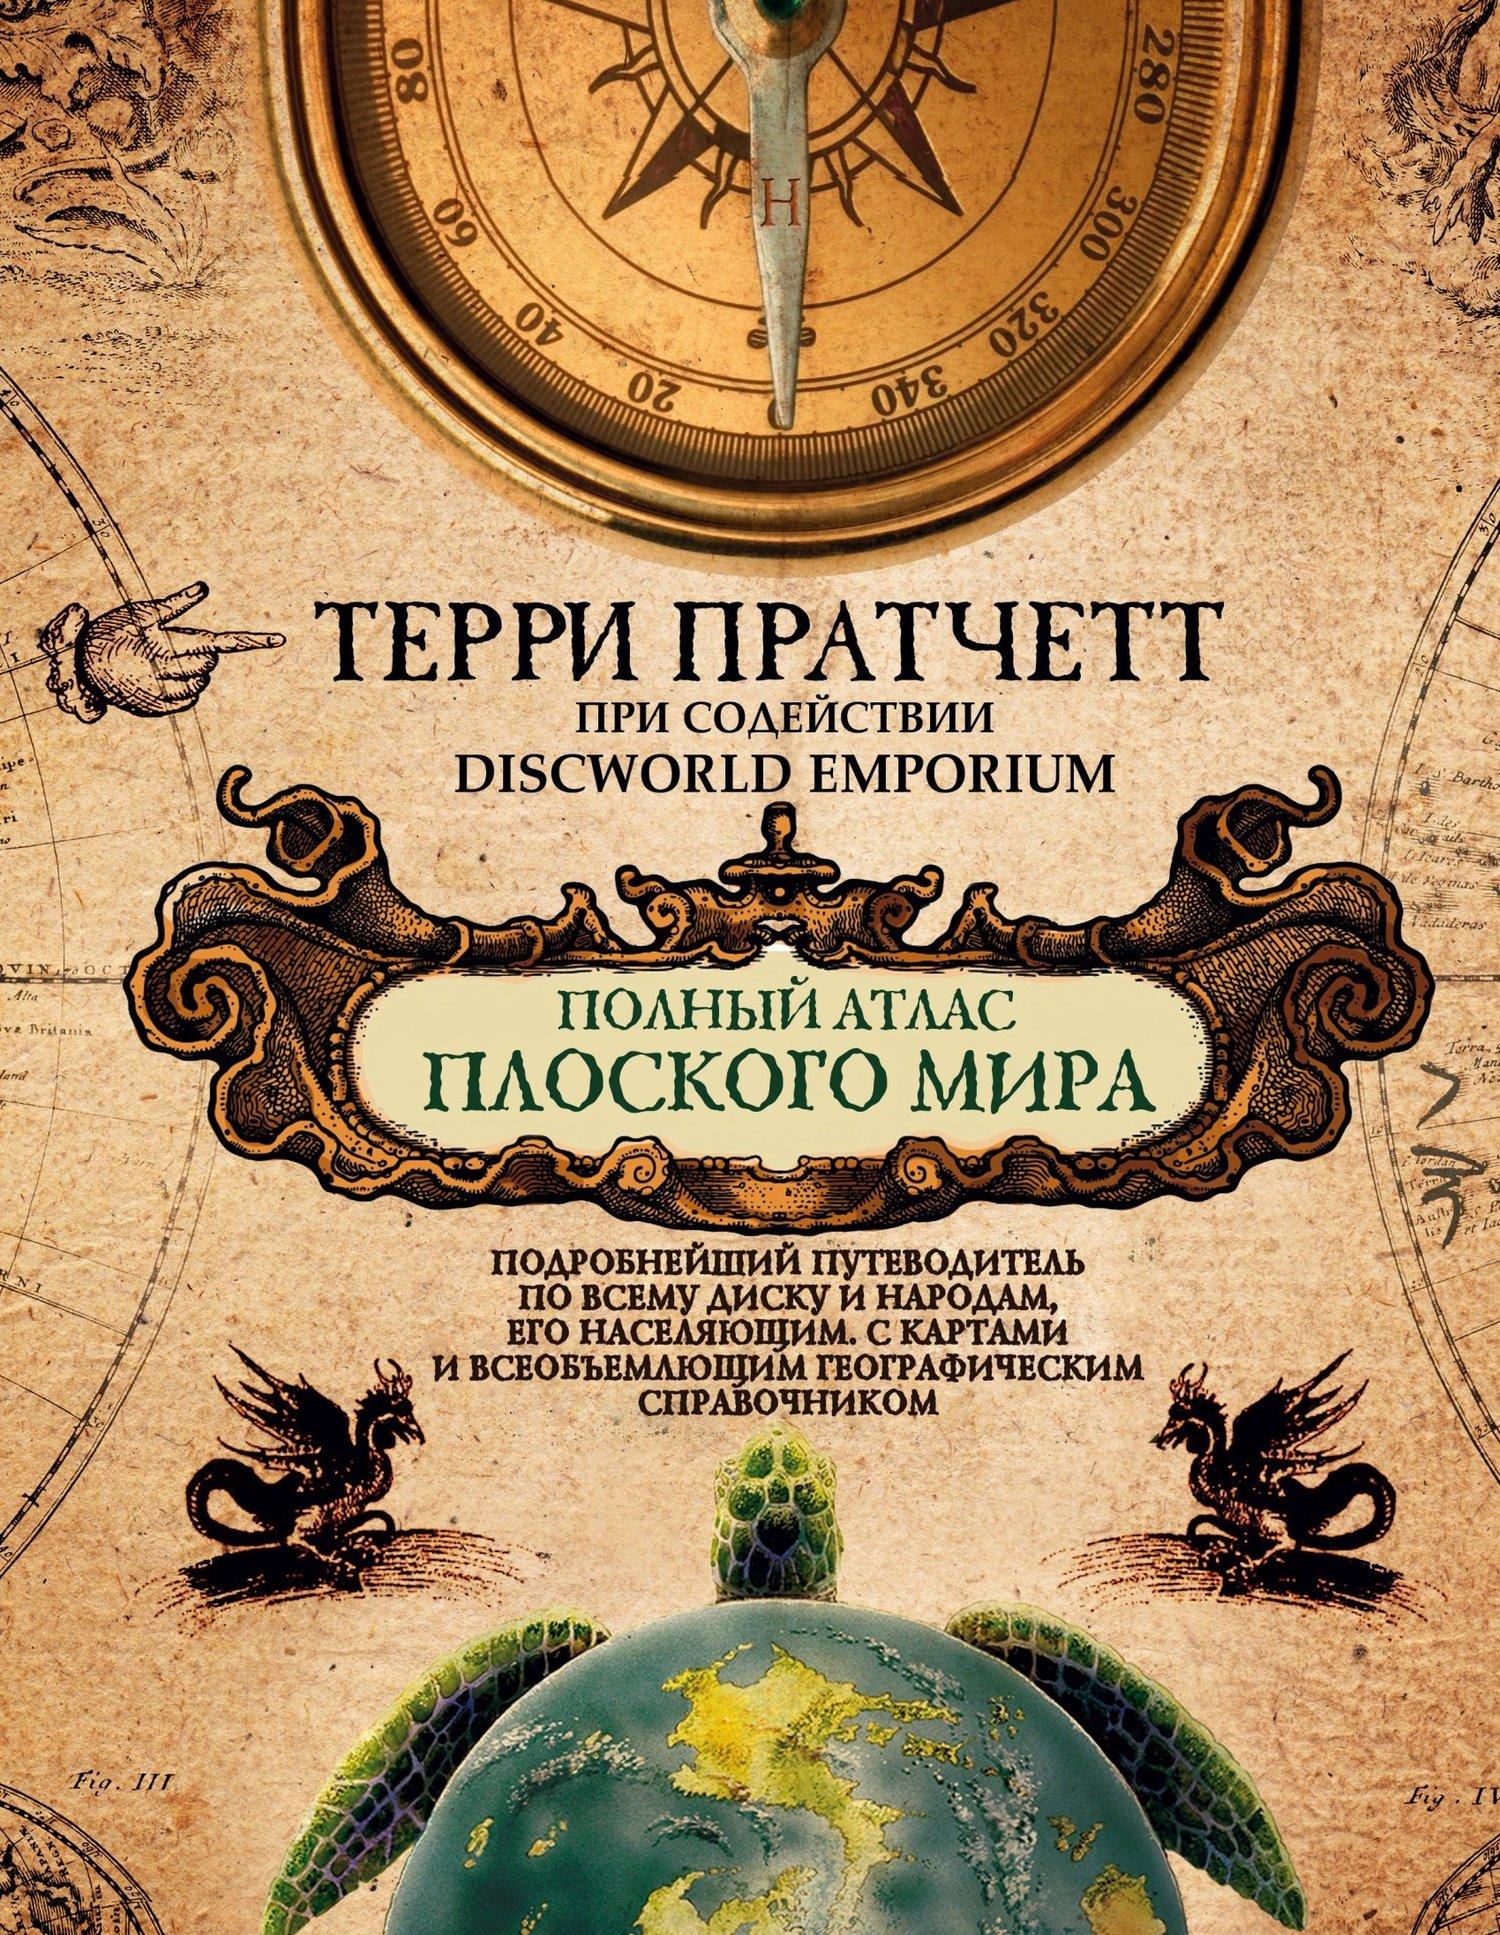 Купить книгу Полный атлас Плоского мира, автора Терри Пратчетта